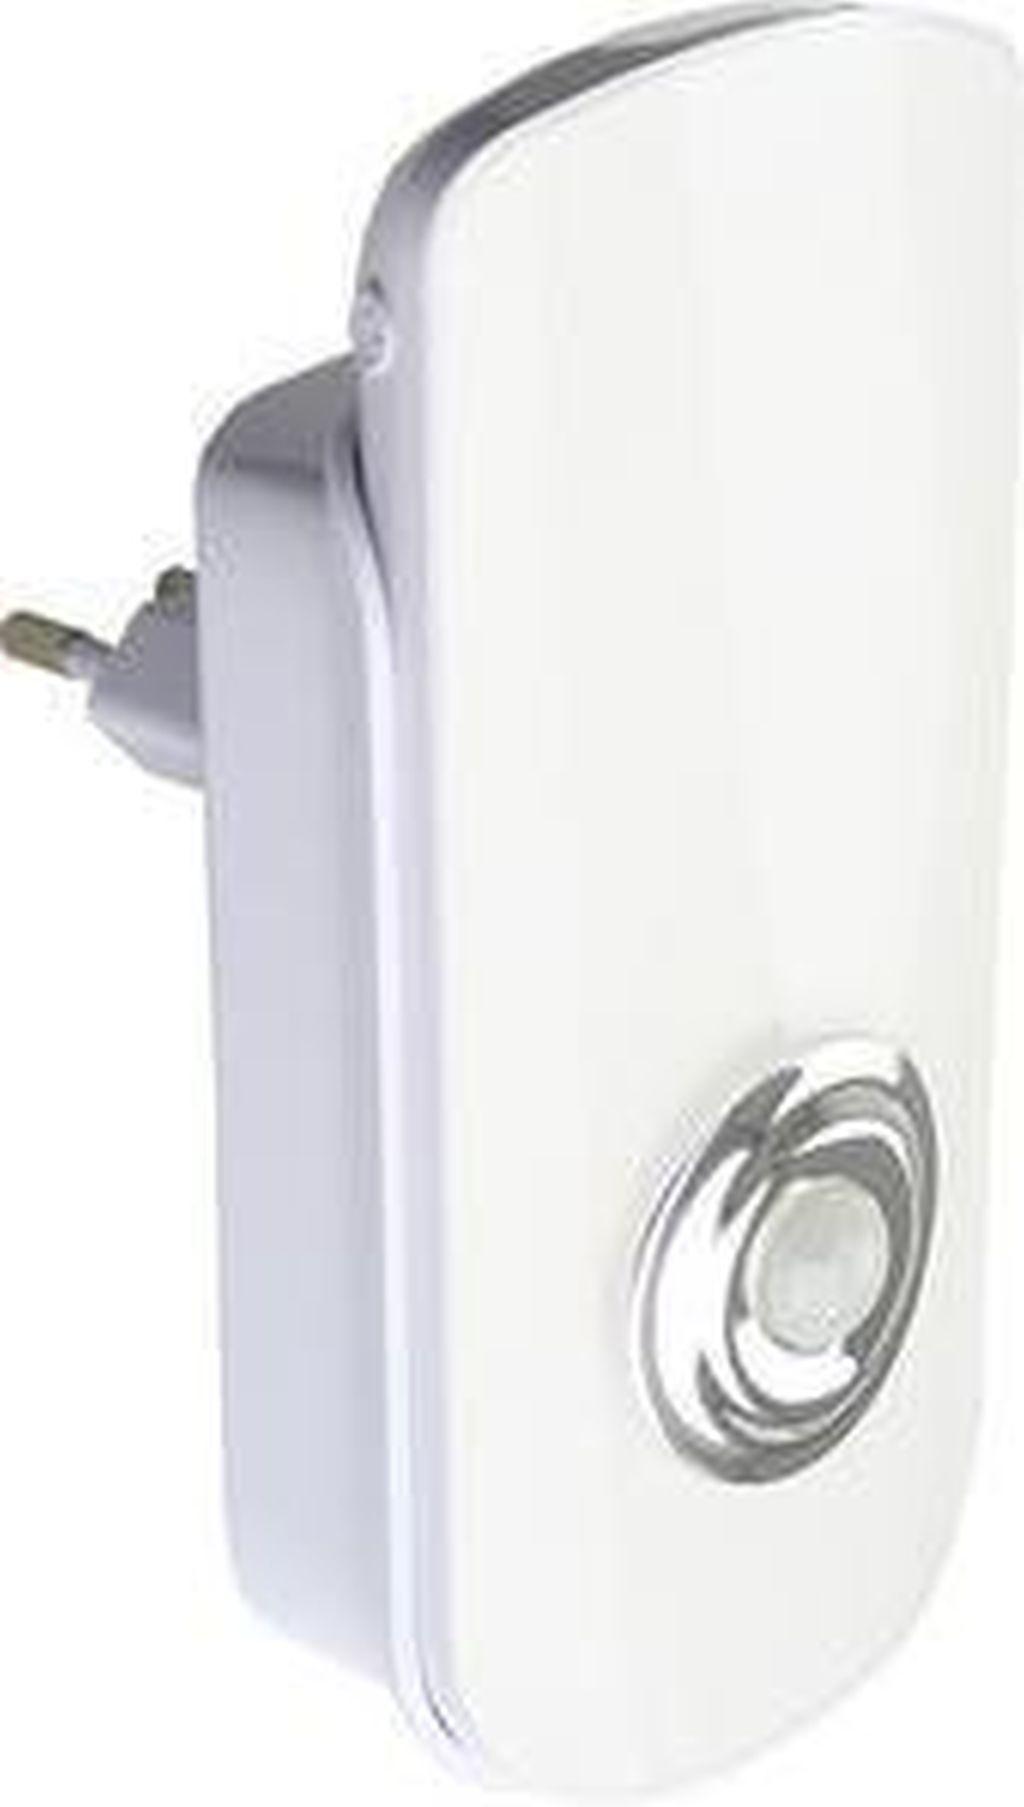 EXTOL LIGHT 16+2 LED svítilna pohotovostní s pohybovým čidlem 43126